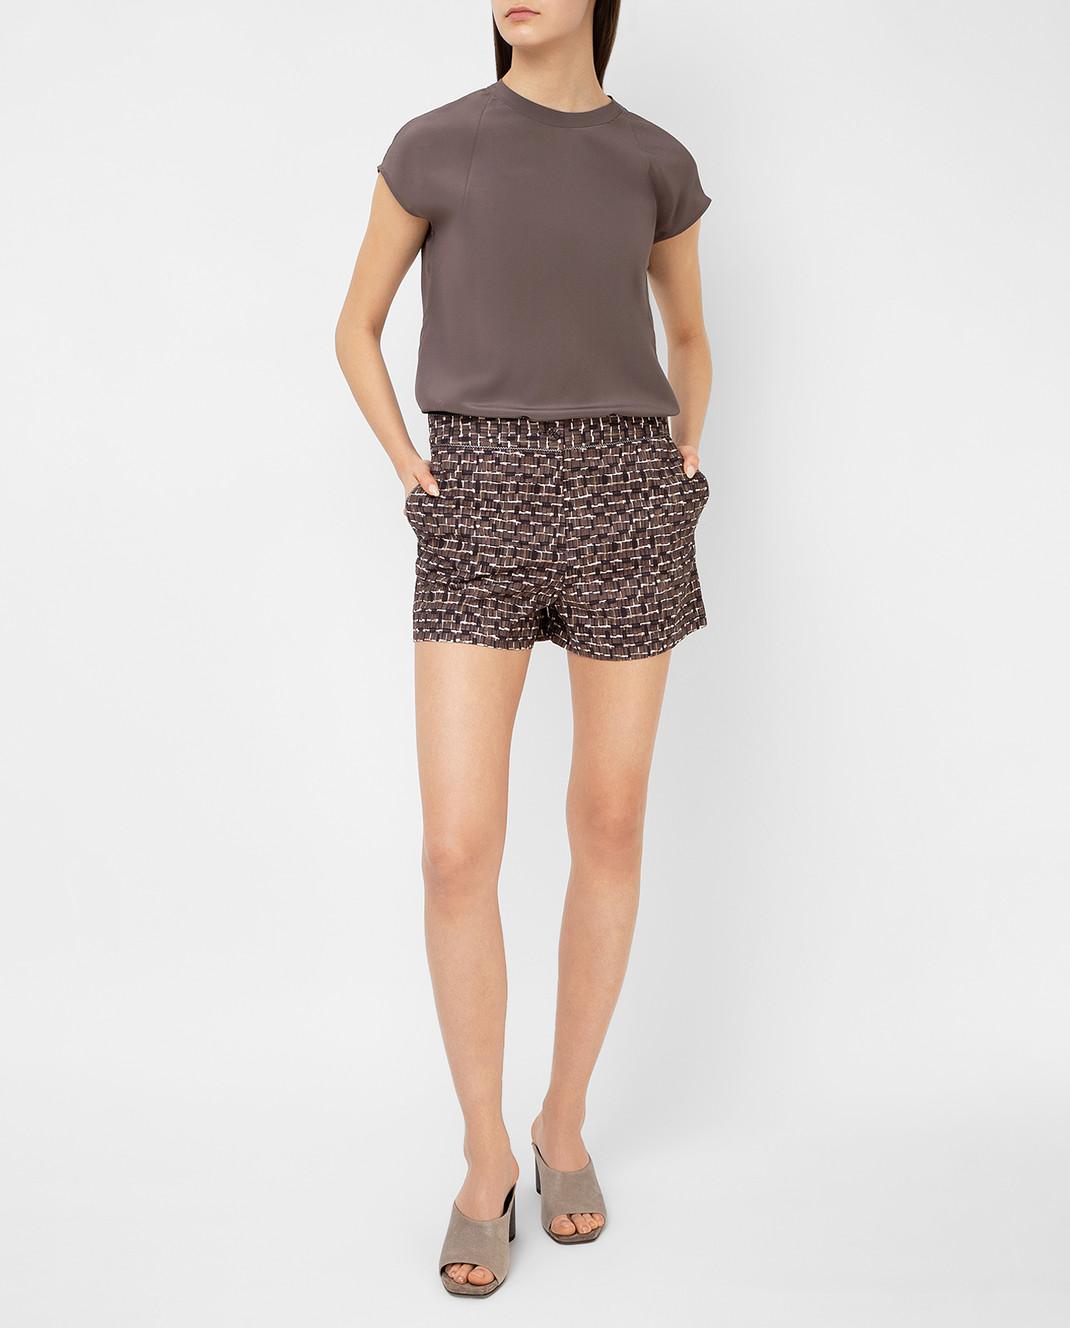 Bottega Veneta Коричневые шорты 448812 изображение 2